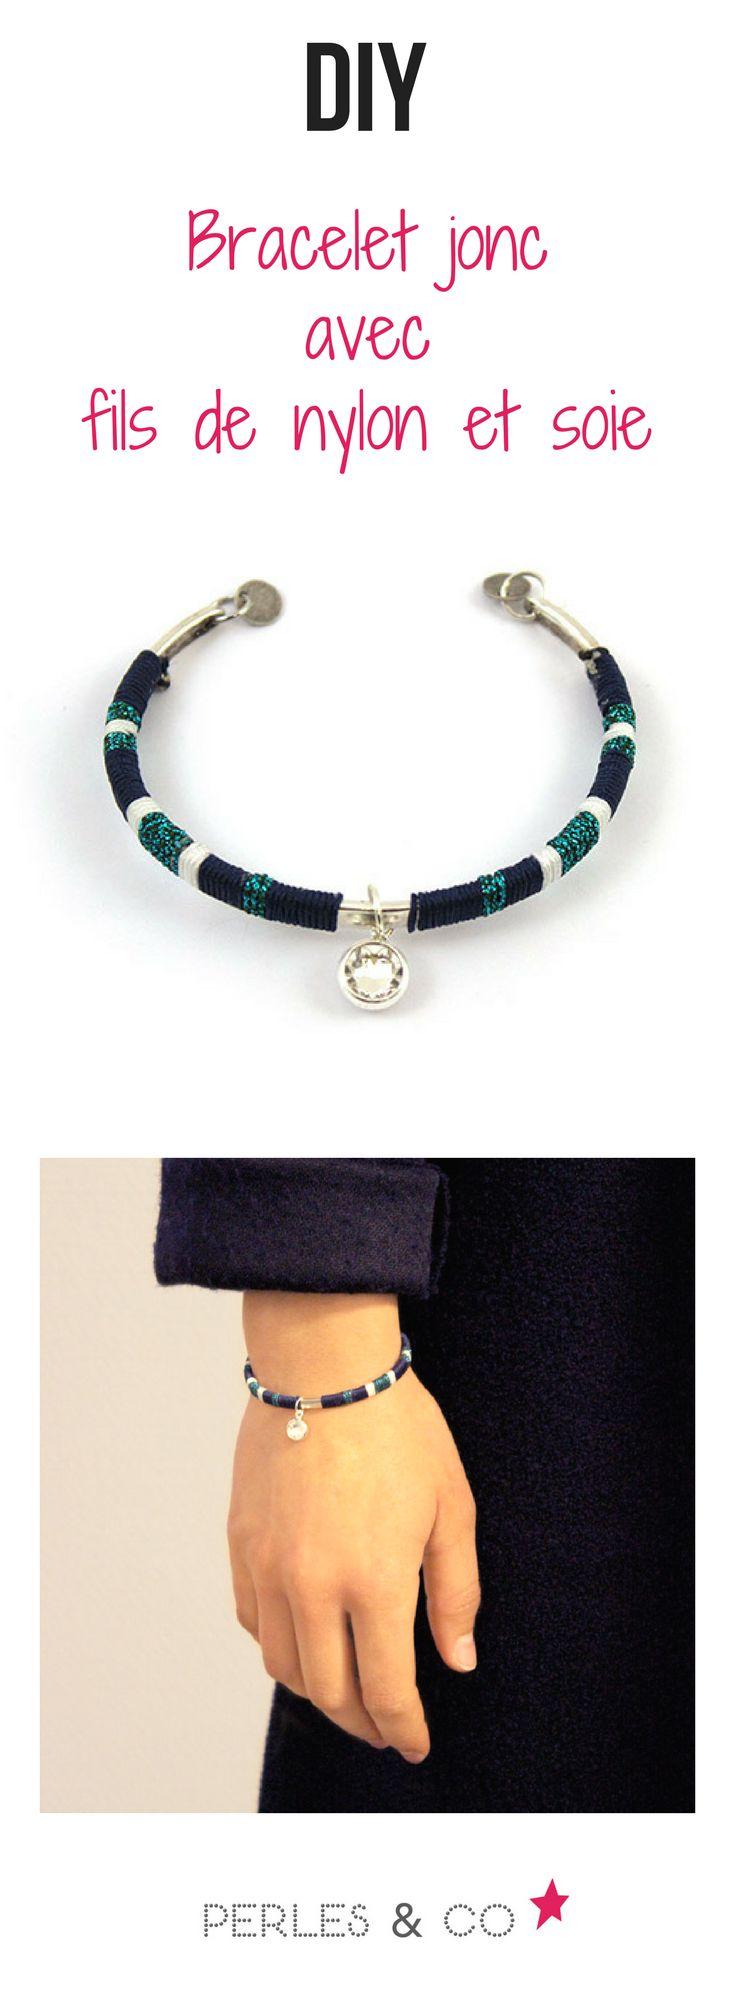 Réaliser ce bracelet jonc très tendance en suivant le tutoriel simple et rapide de Perles and co. #tutoriel #tuto #bracelet #jonc #diy #tendance #bijou